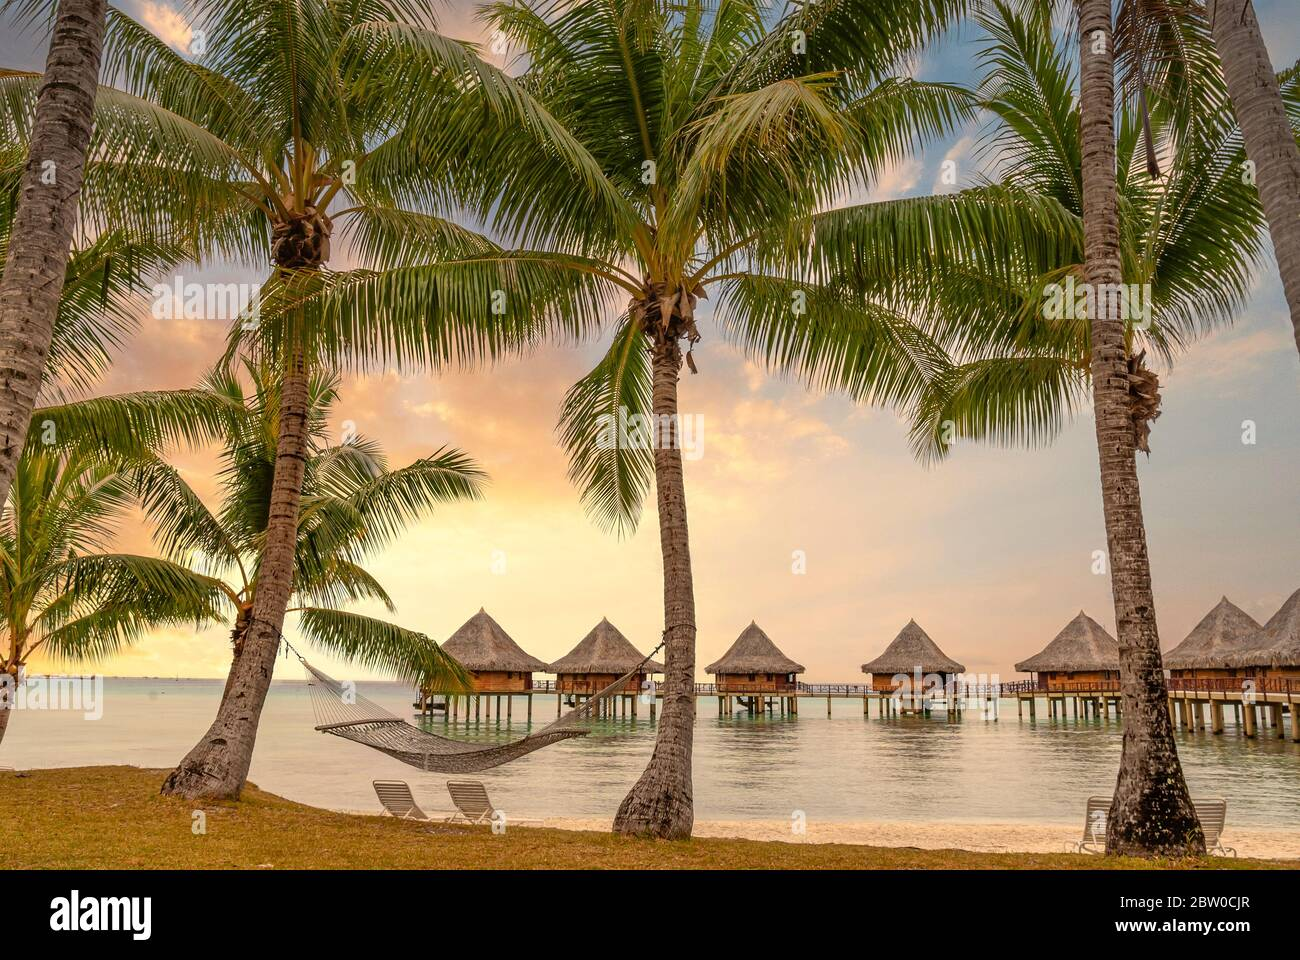 Station balnéaire au bord d'un lagon sur l'île de Tuamotu au coucher du soleil, Polynésie française Banque D'Images